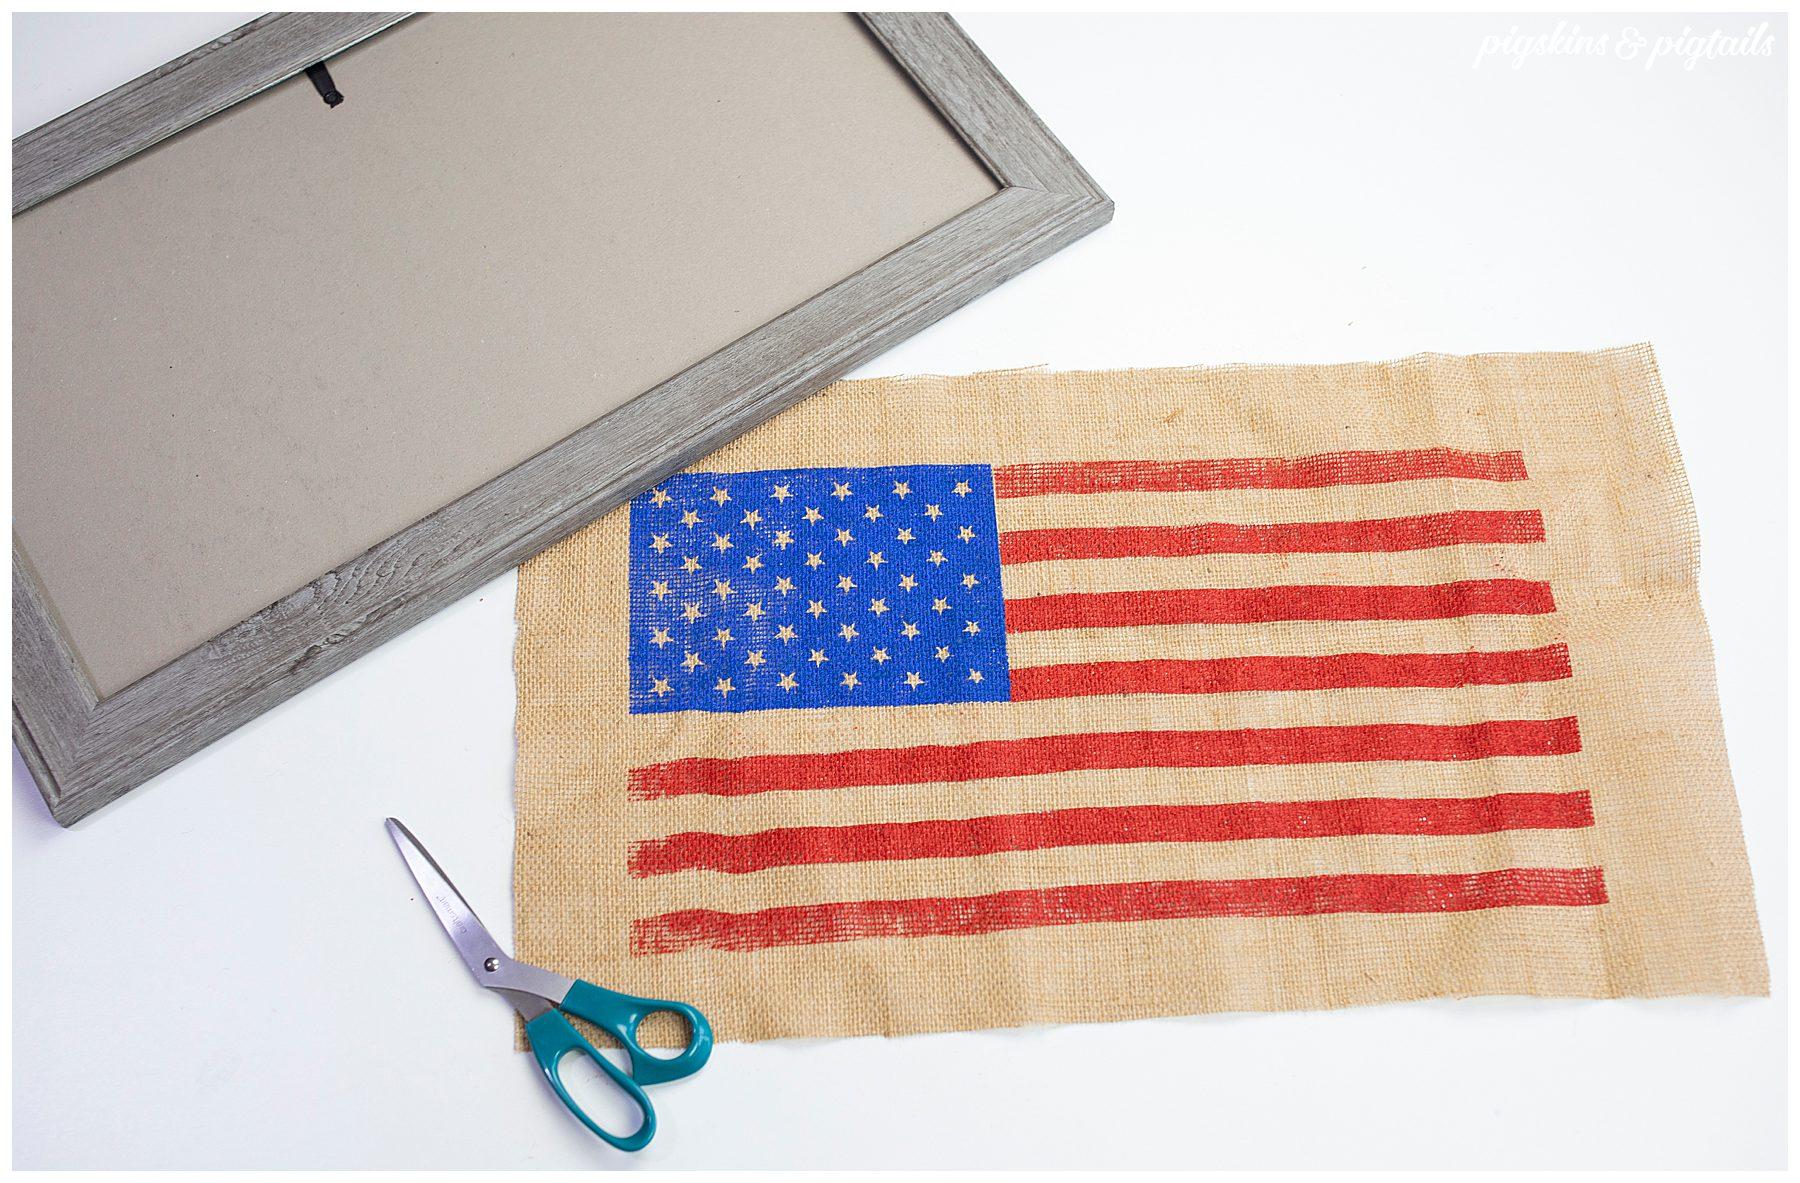 diy flag decor 4th of july craft idea